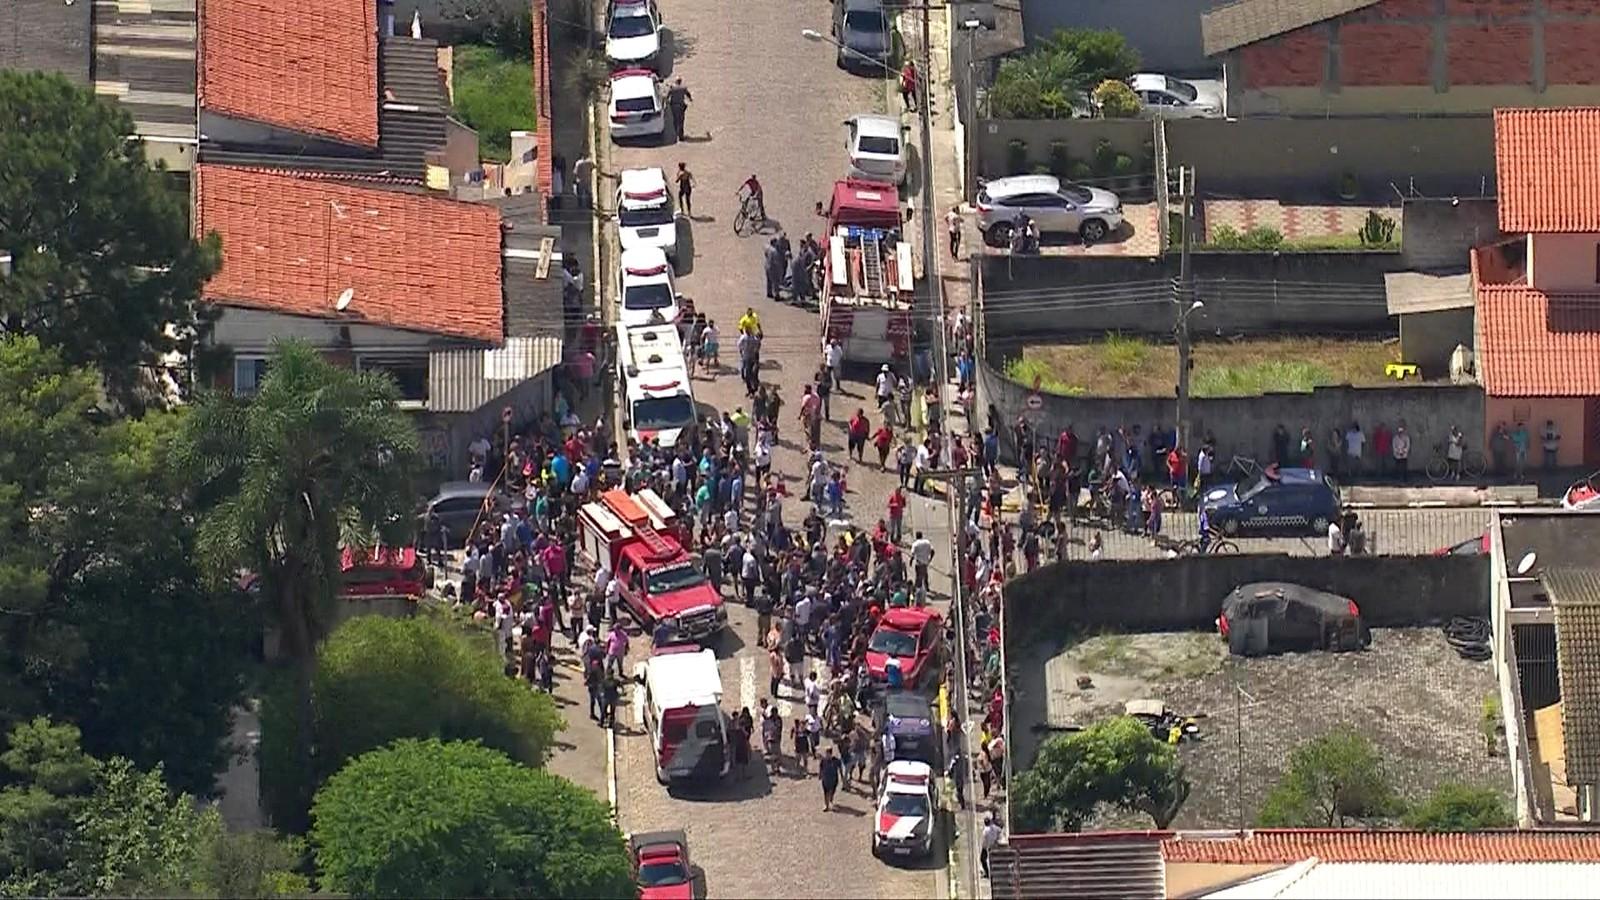 Adolescentes atiram dentro de escola, matam 6 e ferem 17 pessoas em Suzano, diz polícia